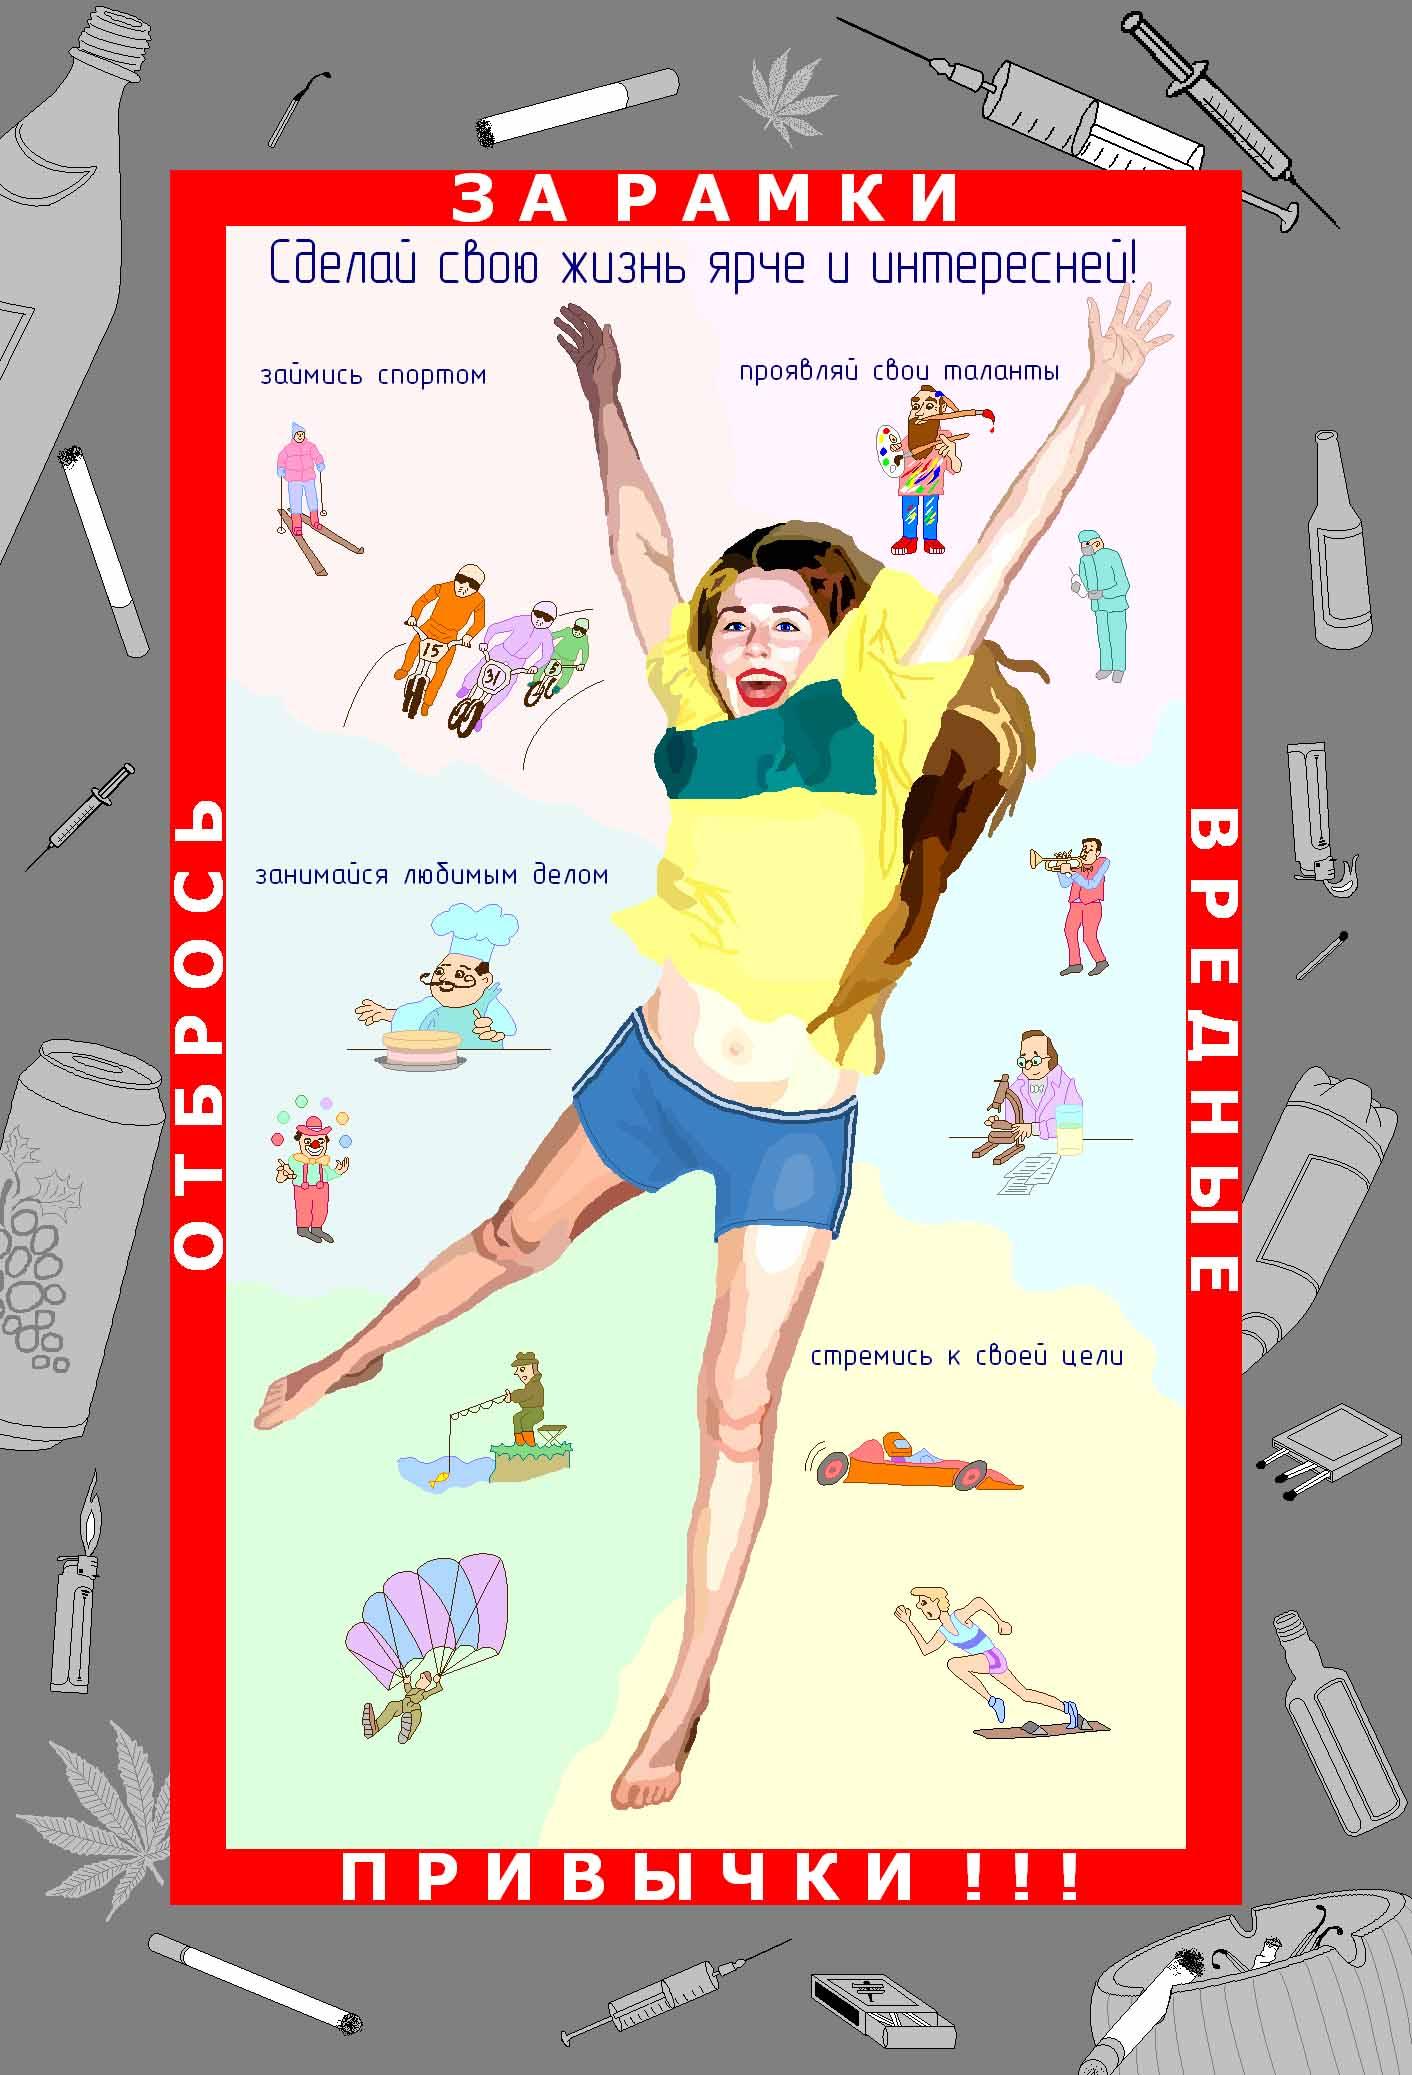 Рисунки на тему спорт и здоровый образ жизни.